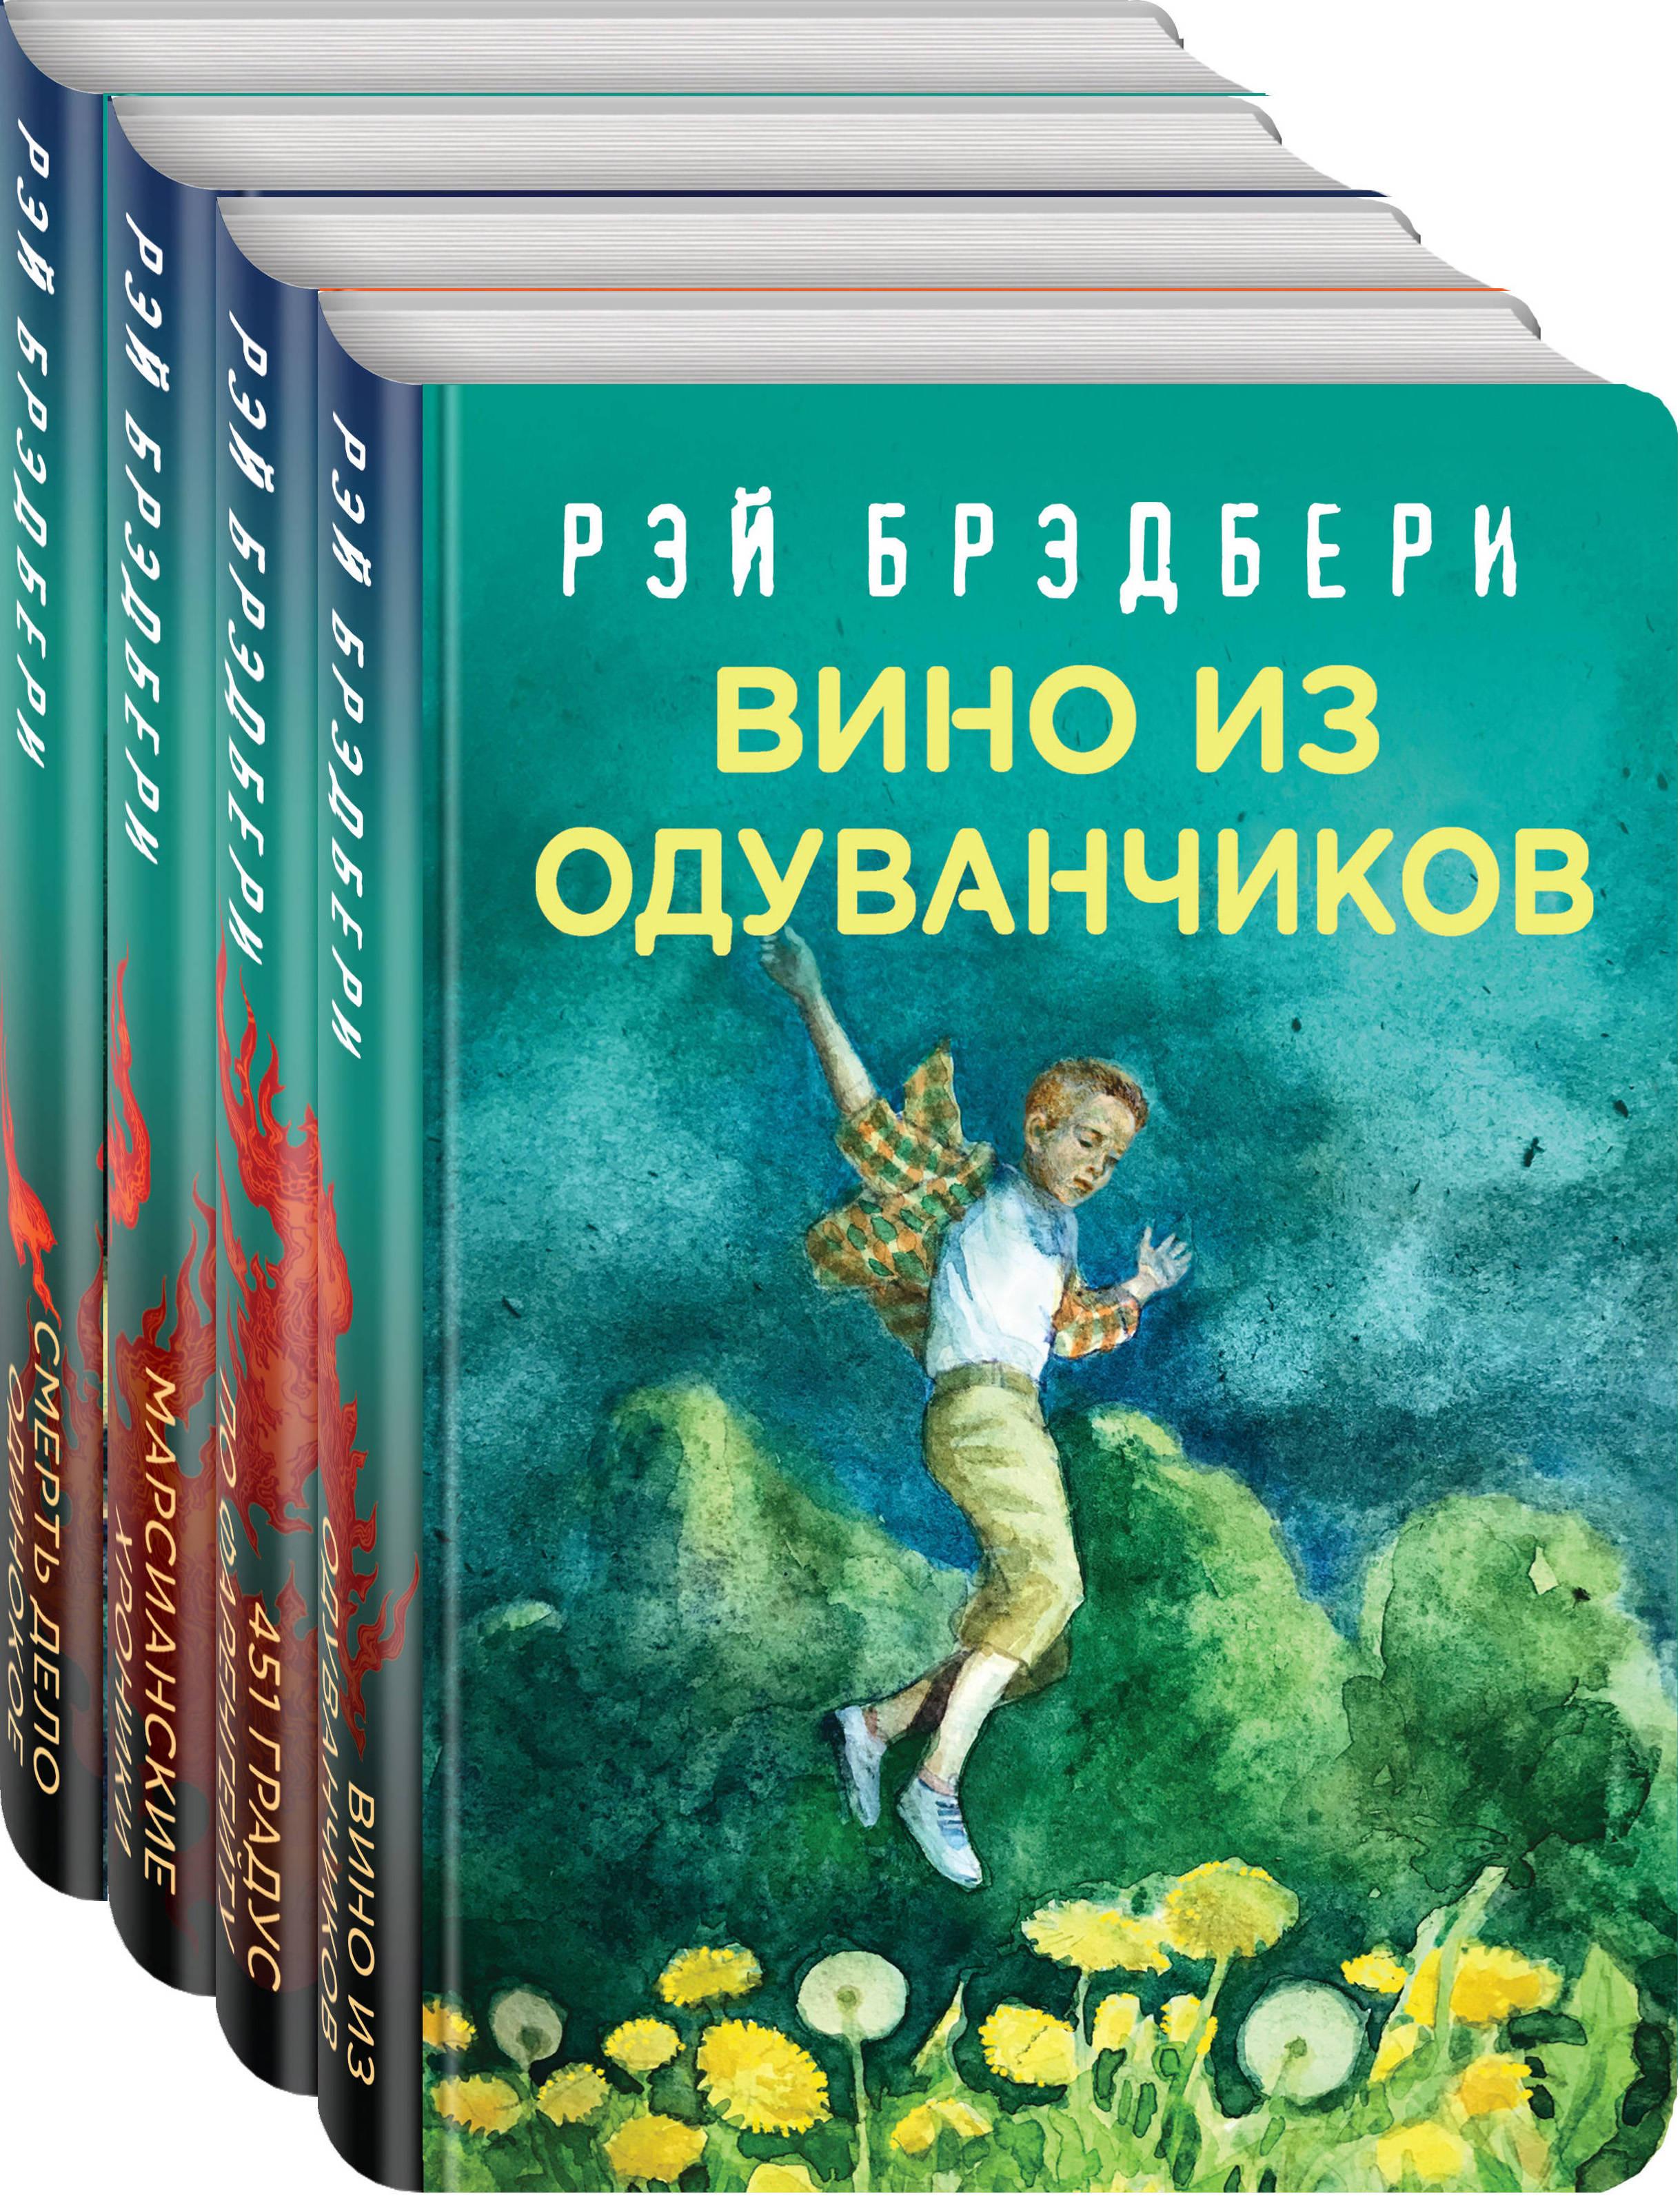 Брэдбери Р. Рэй Брэдбери - лучшие произведения (комплект из 4 книг) цены онлайн